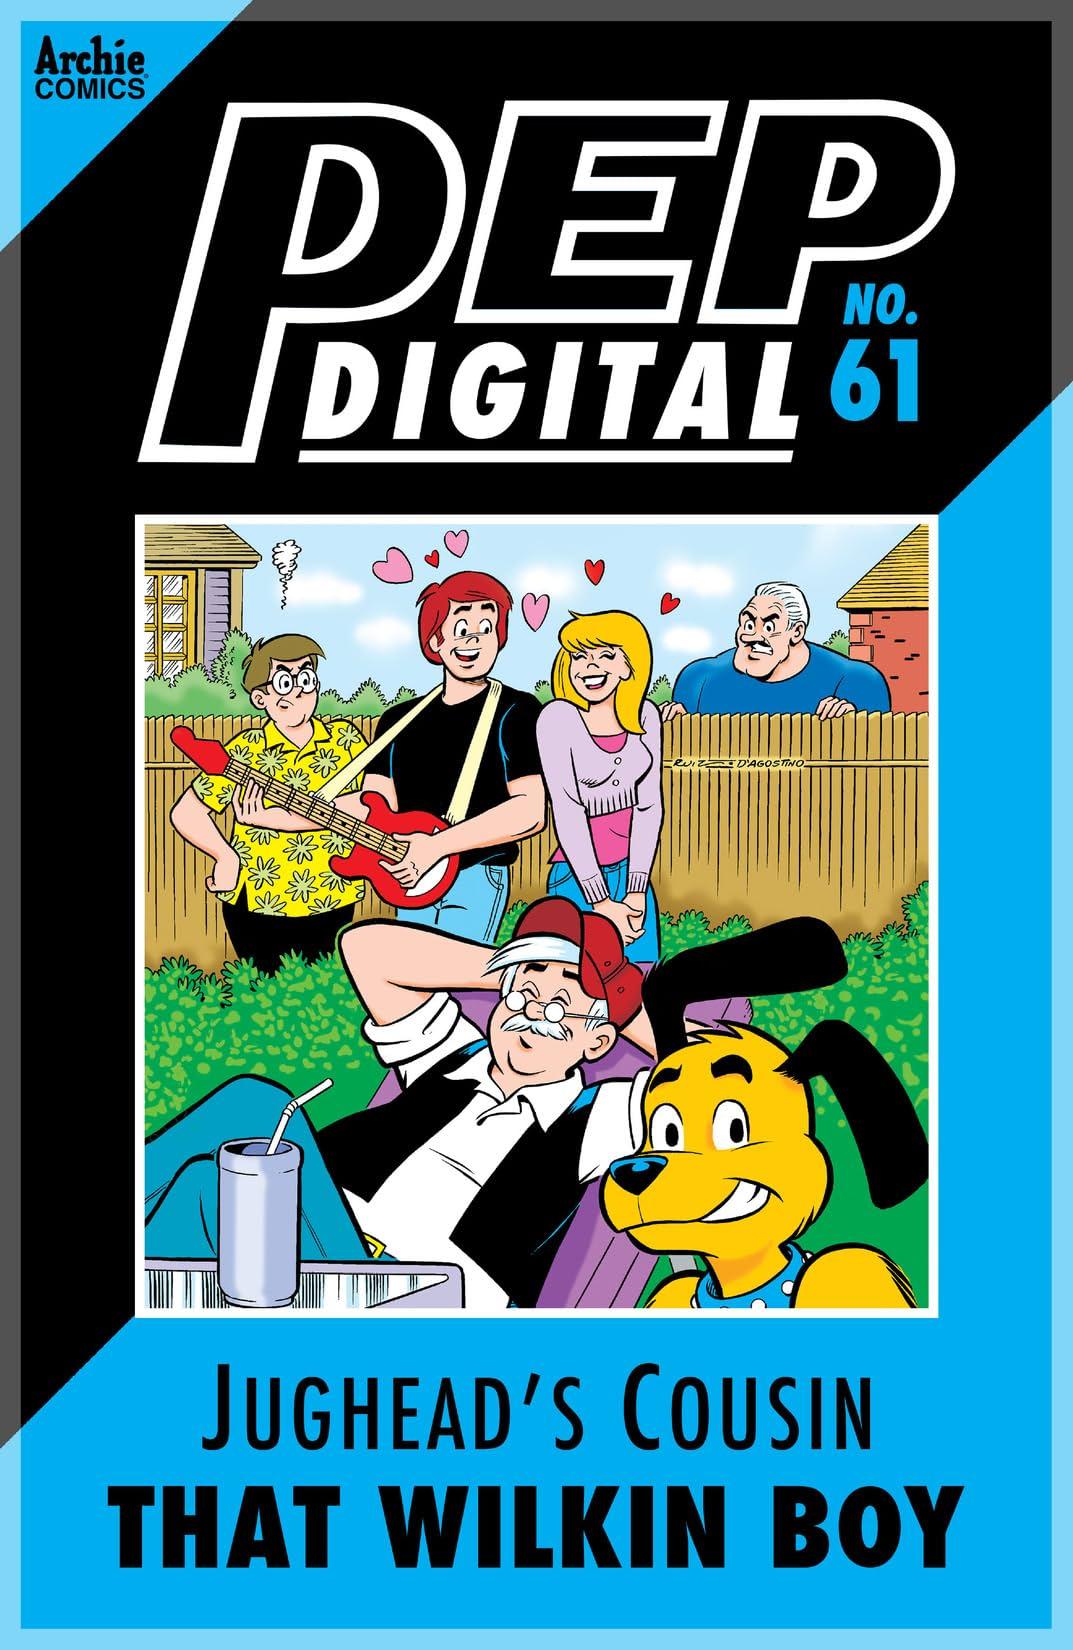 PEP Digital #61: Jughead's Cousin That Wilkin Boy